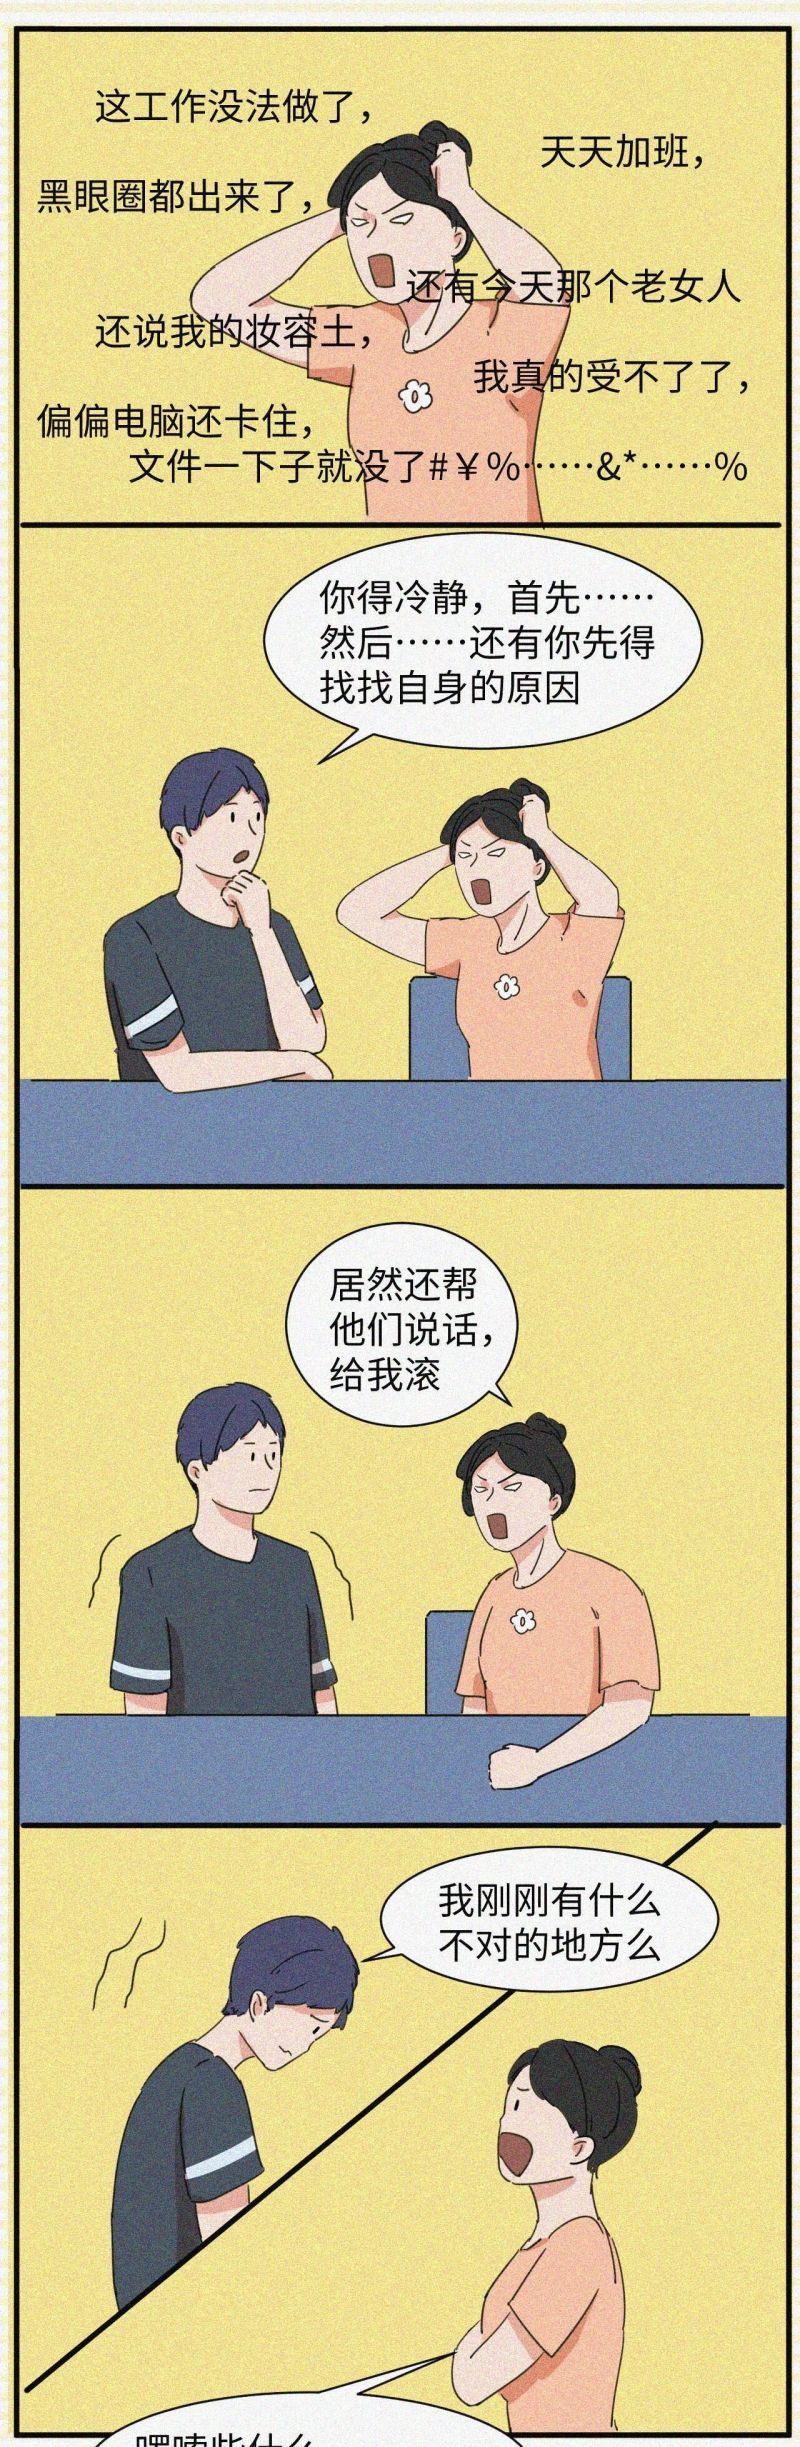 【博狗新闻】女生第一初吻什么感觉?这才是初吻的真正含义